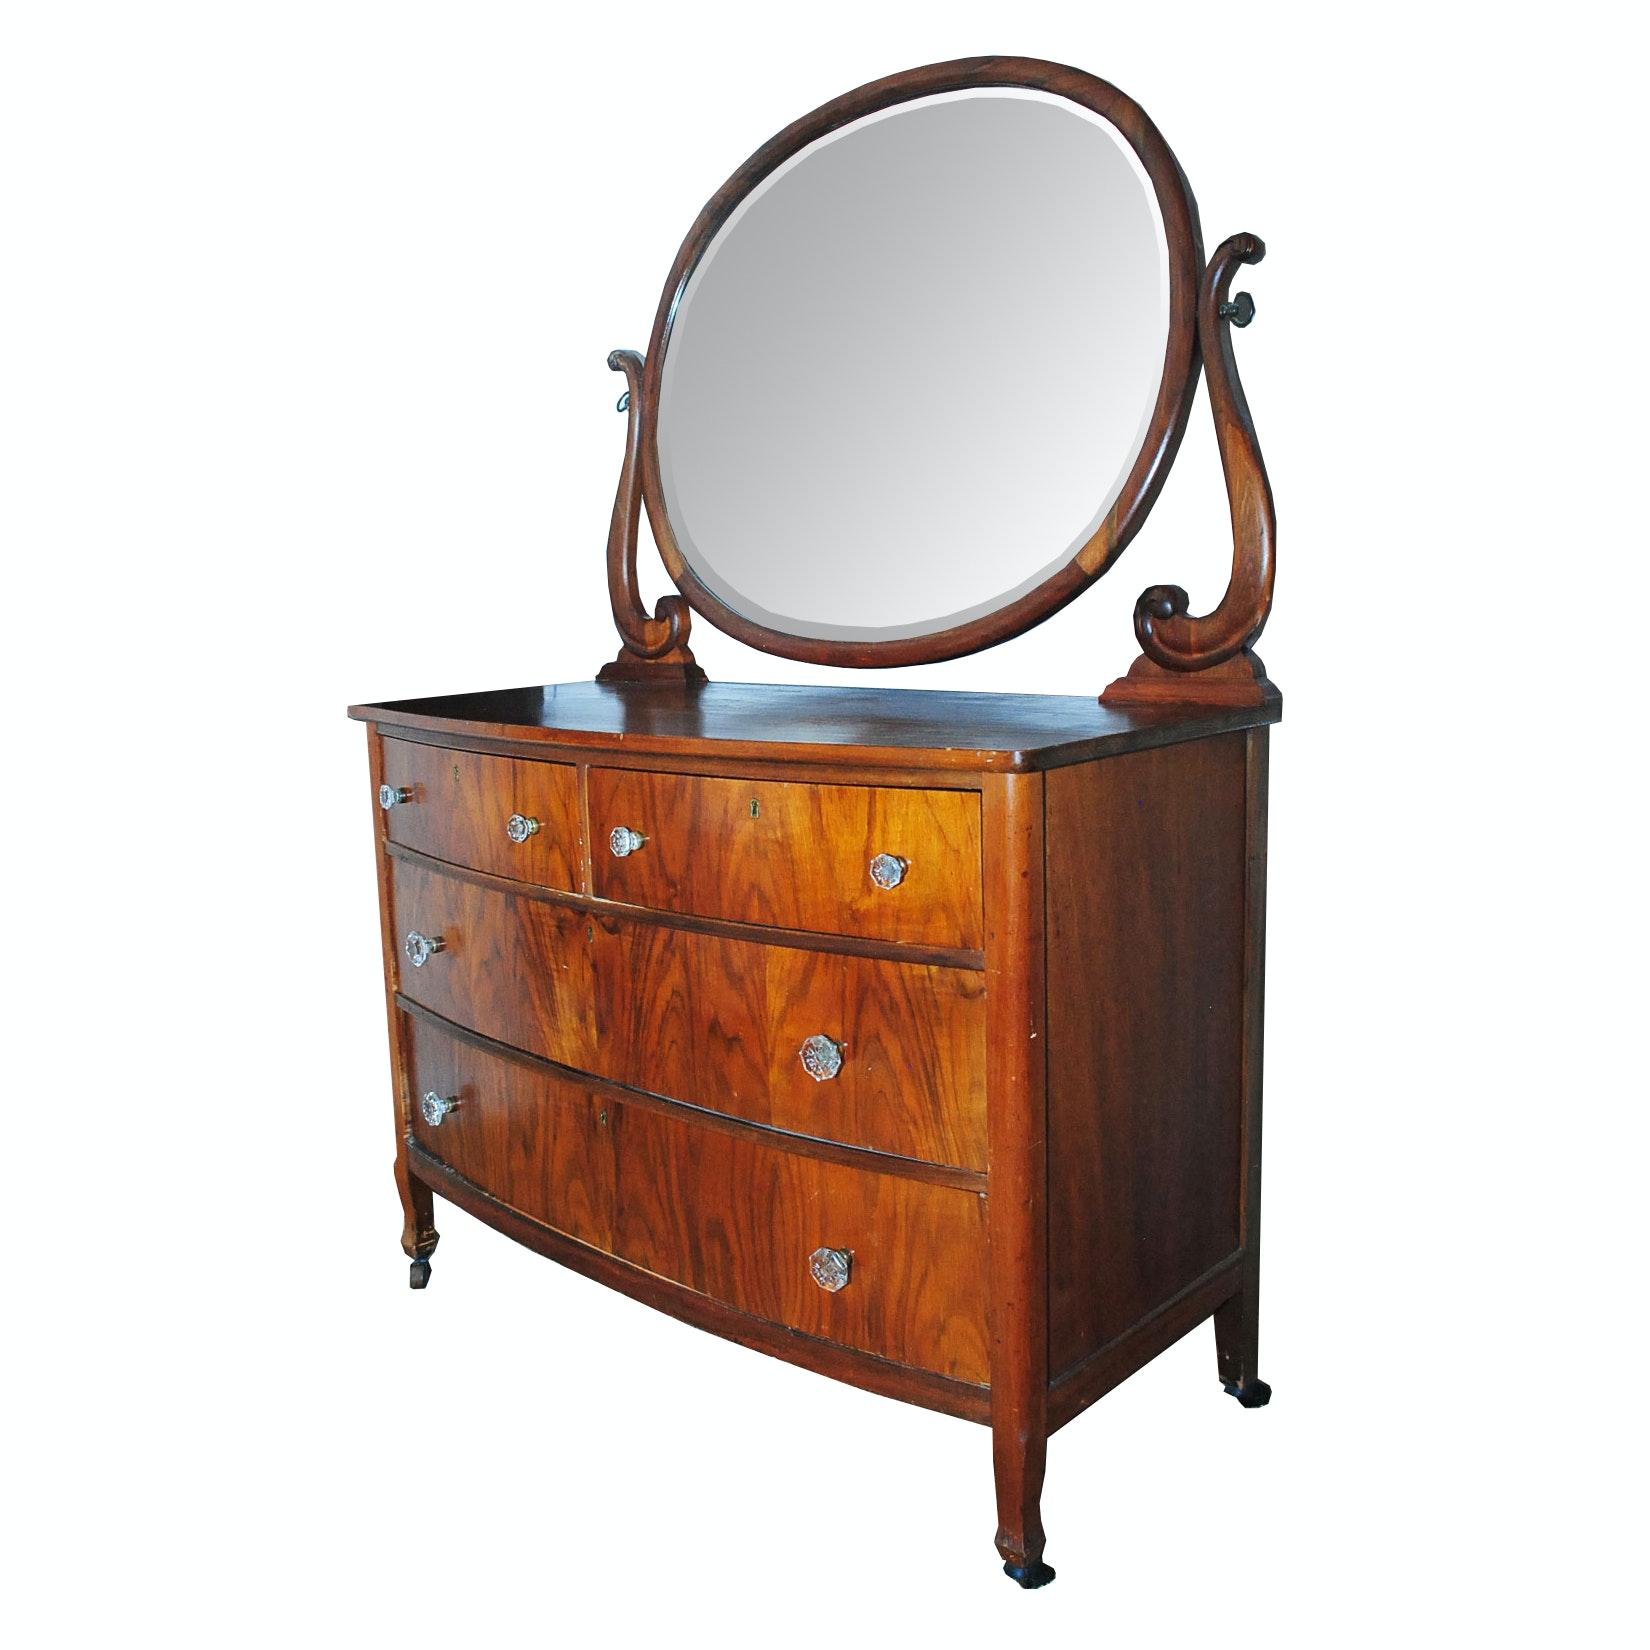 Vintage Art Nouveau Style Dresser